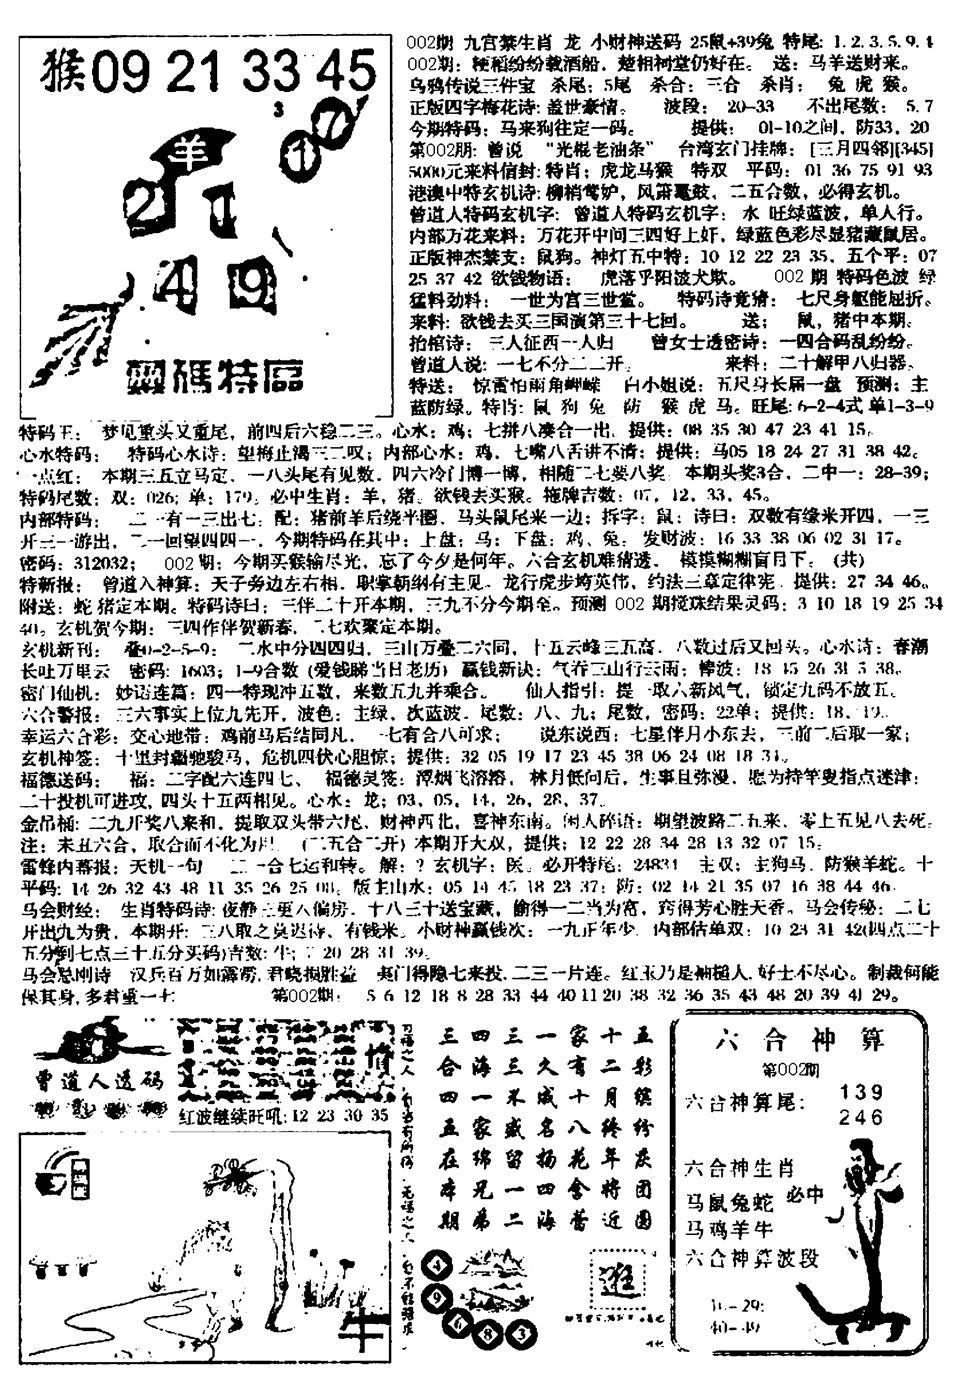 002期平西版彩霸王B(黑白)